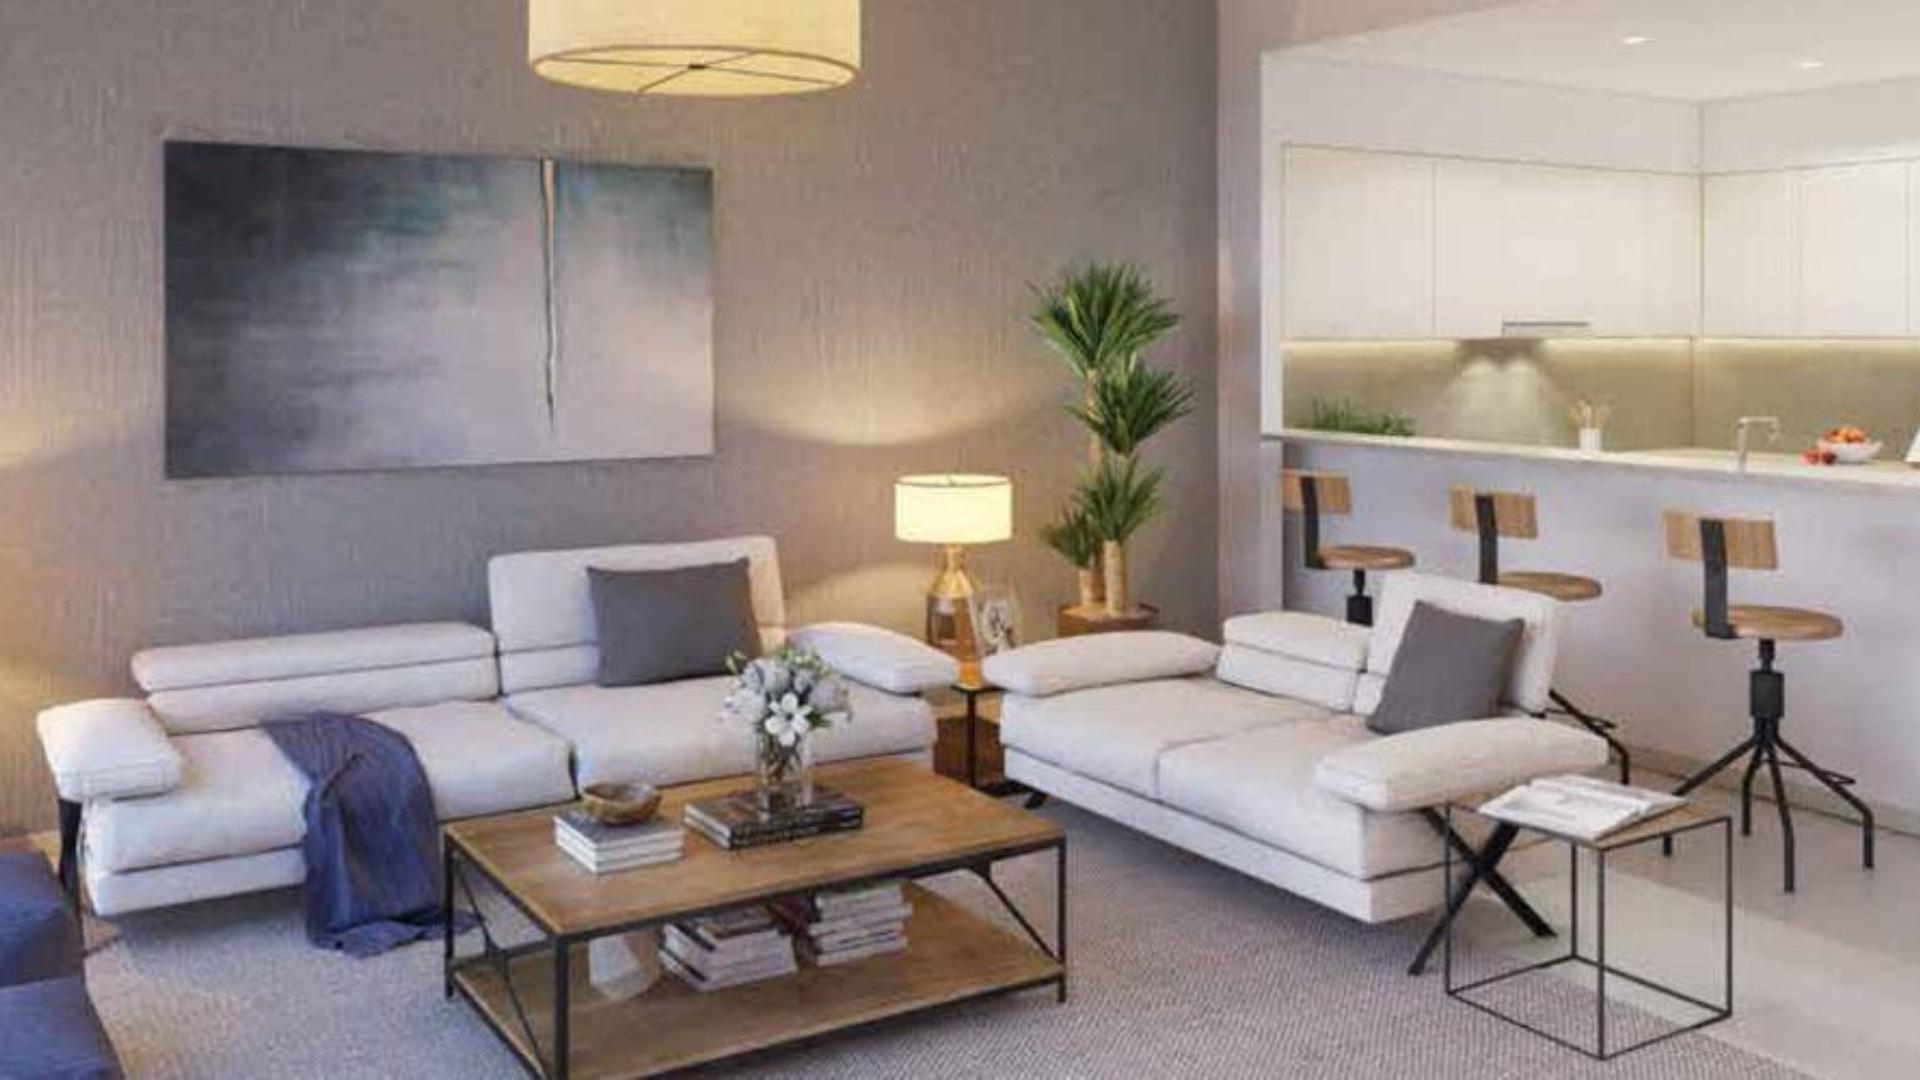 Villa en venta en Dubai, EAU, 3 dormitorios, 288 m2, № 24341 – foto 1